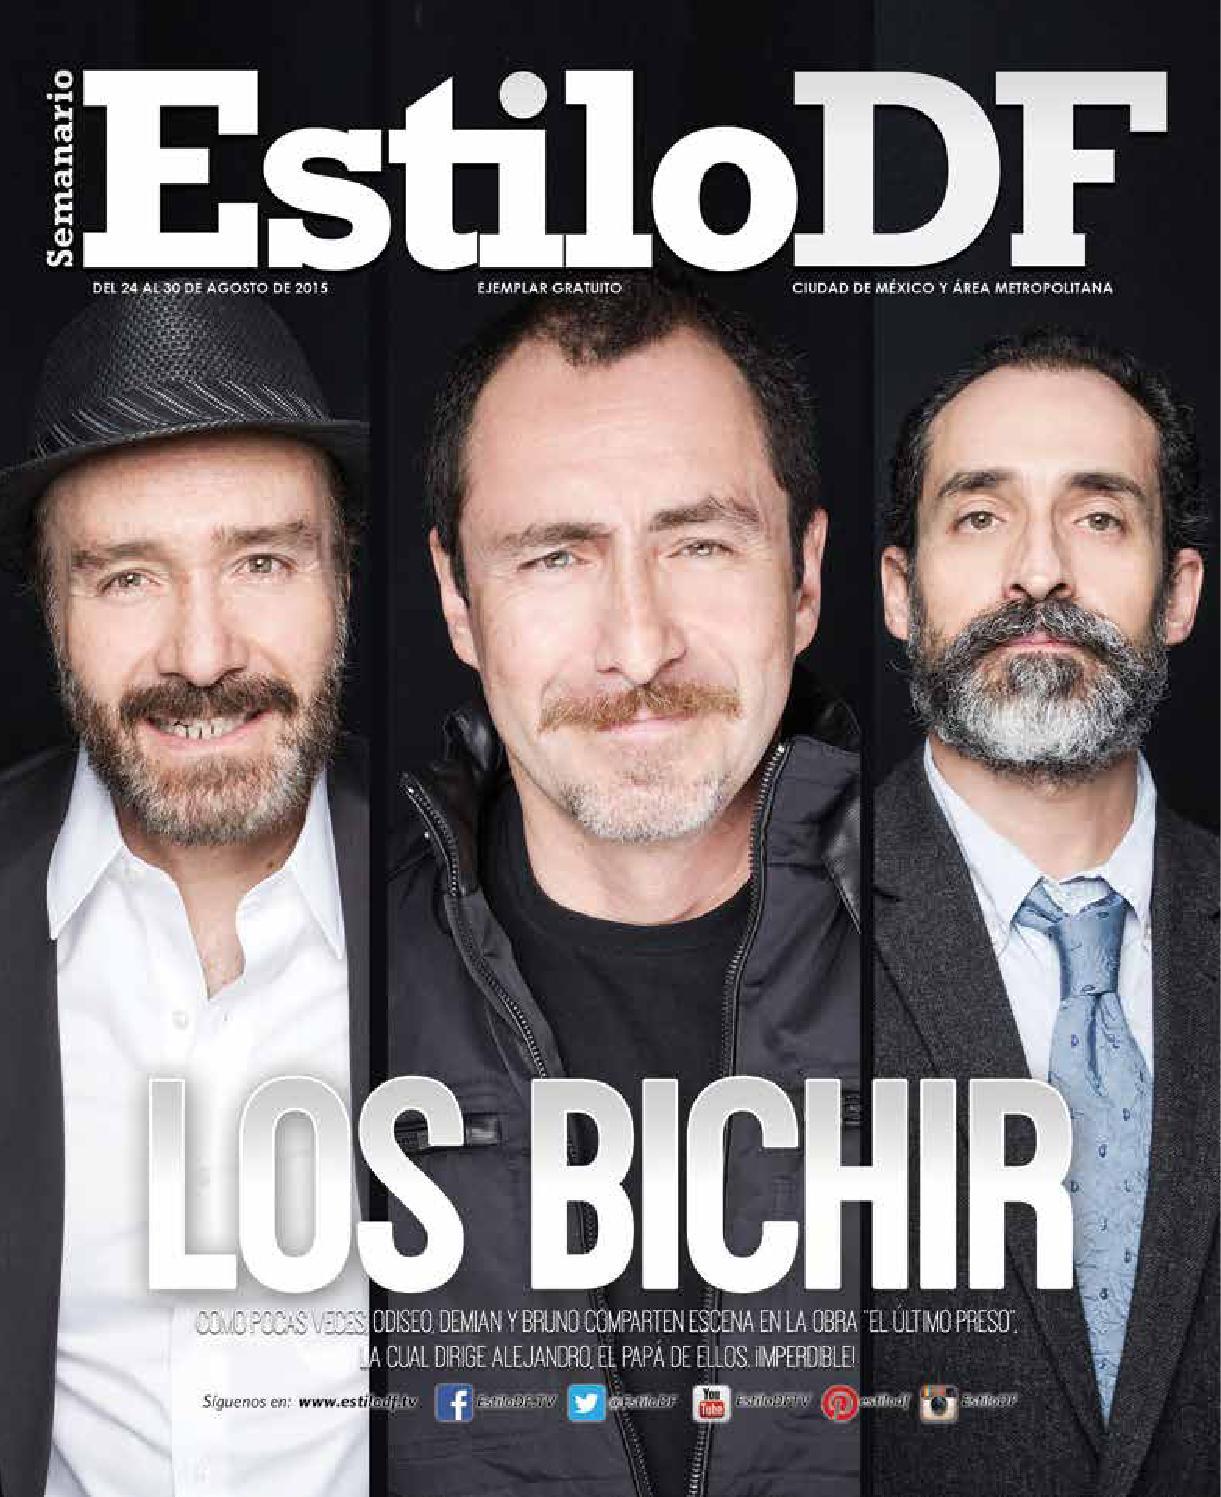 Estilodf Los Bichir 24 De Agosto By Estilodf Issuu